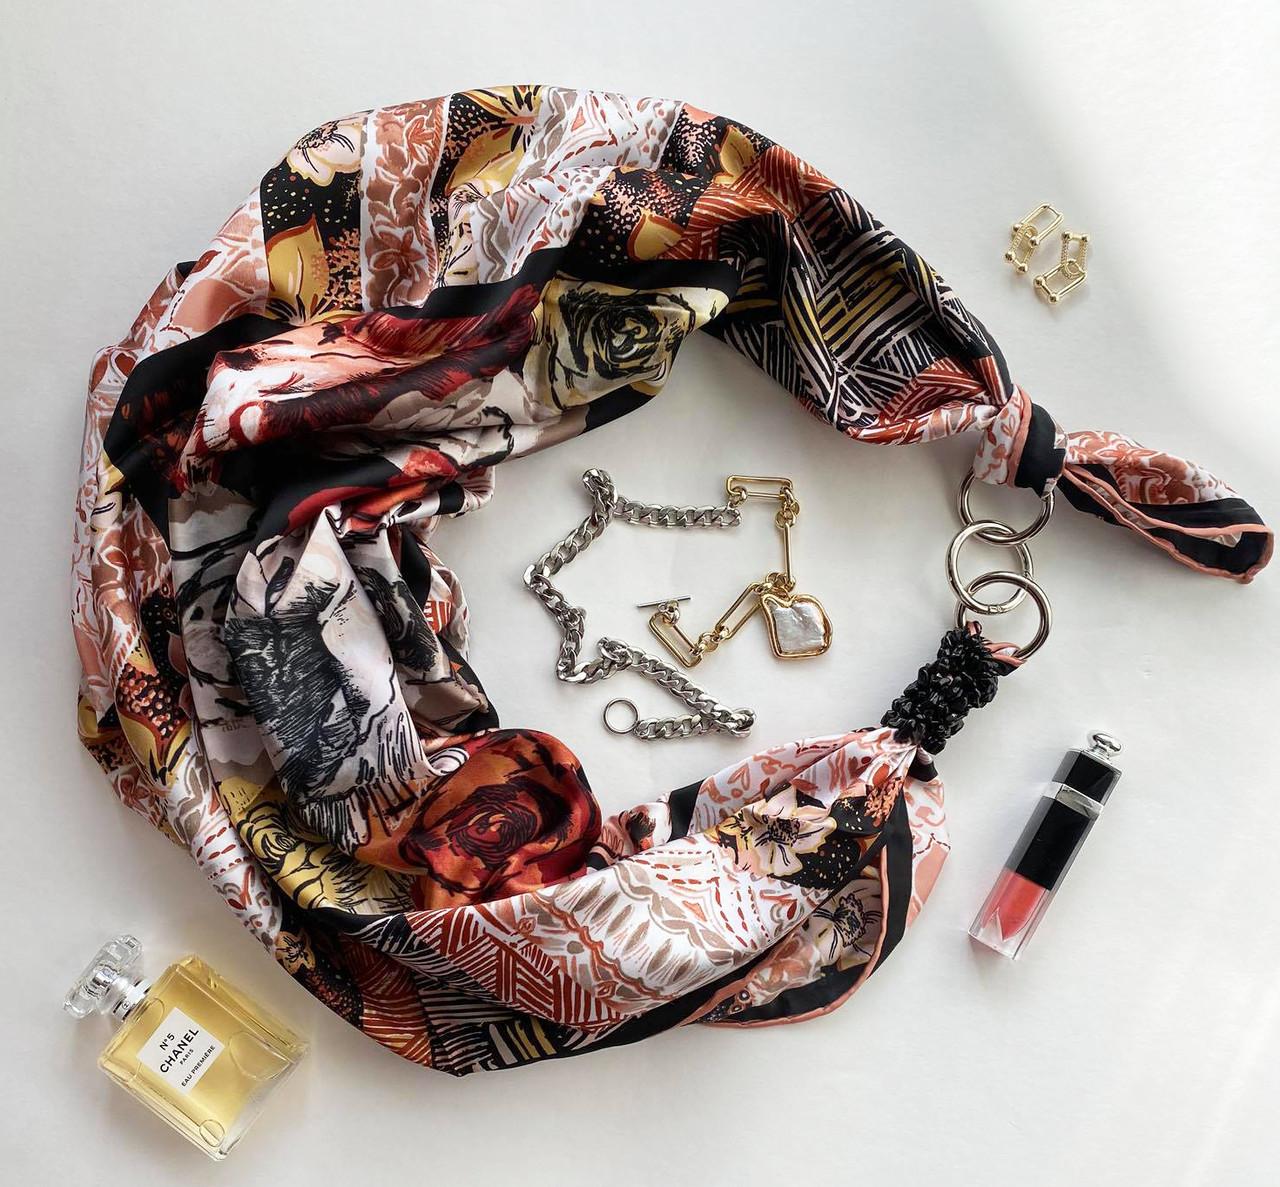 """Шелковый платок """"геометрия любви """" от бренда my scarf, подарок женщине. премиум коллекция!"""